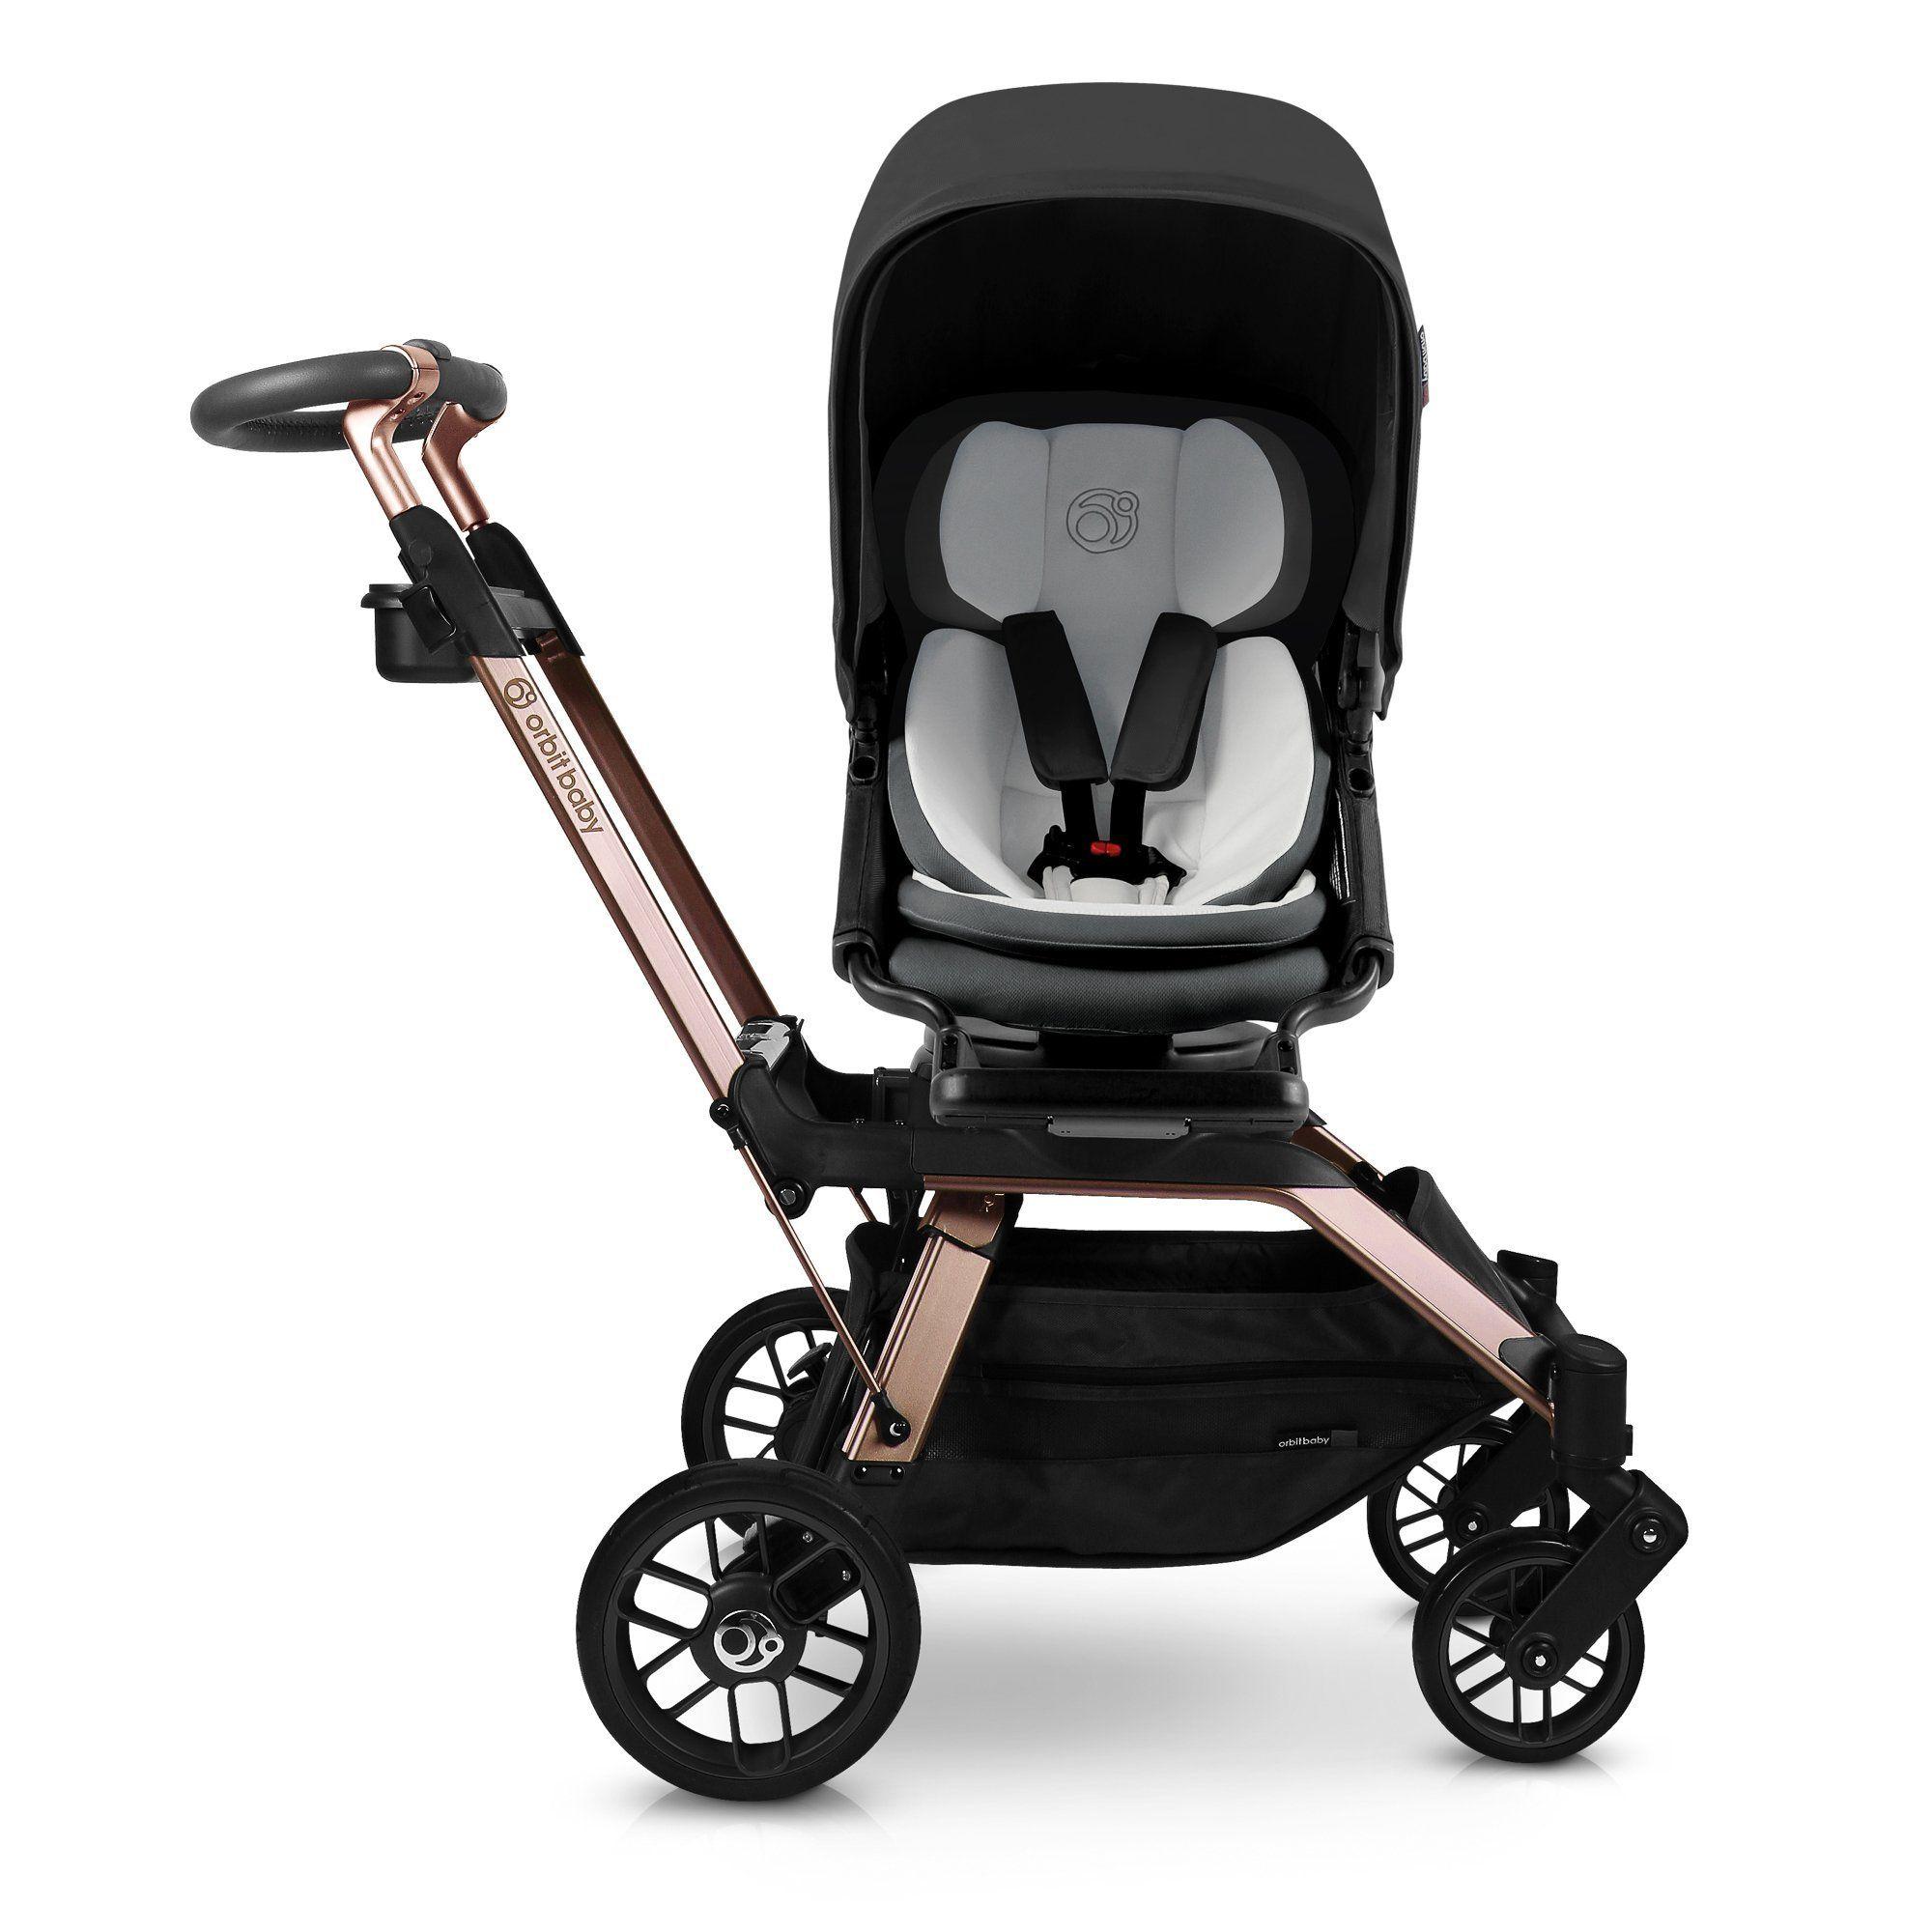 G5 Stroller in 2020 Orbit baby, Stroller, Car seats